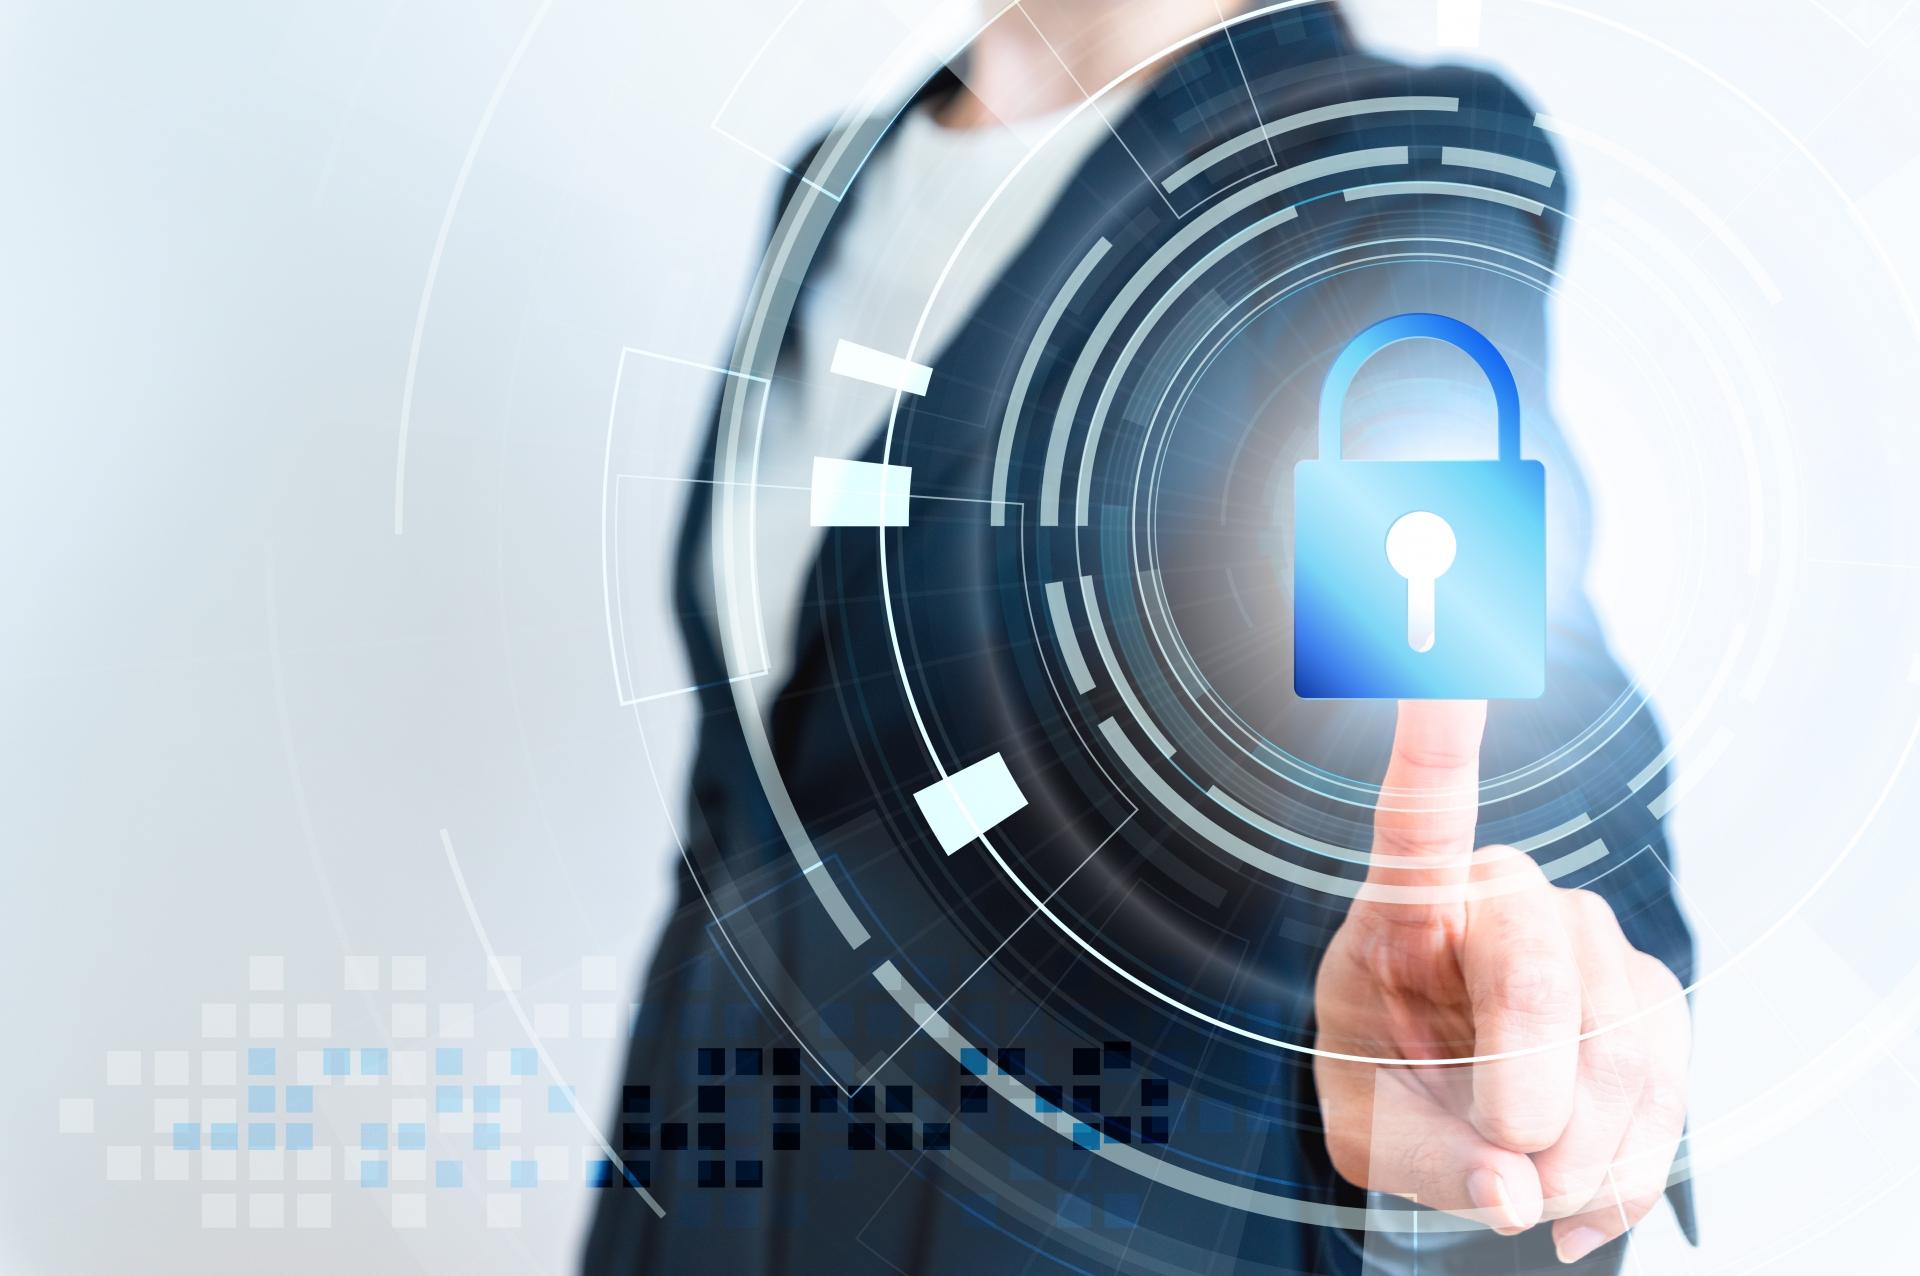 企業における情報漏えいの原因と防止策とは